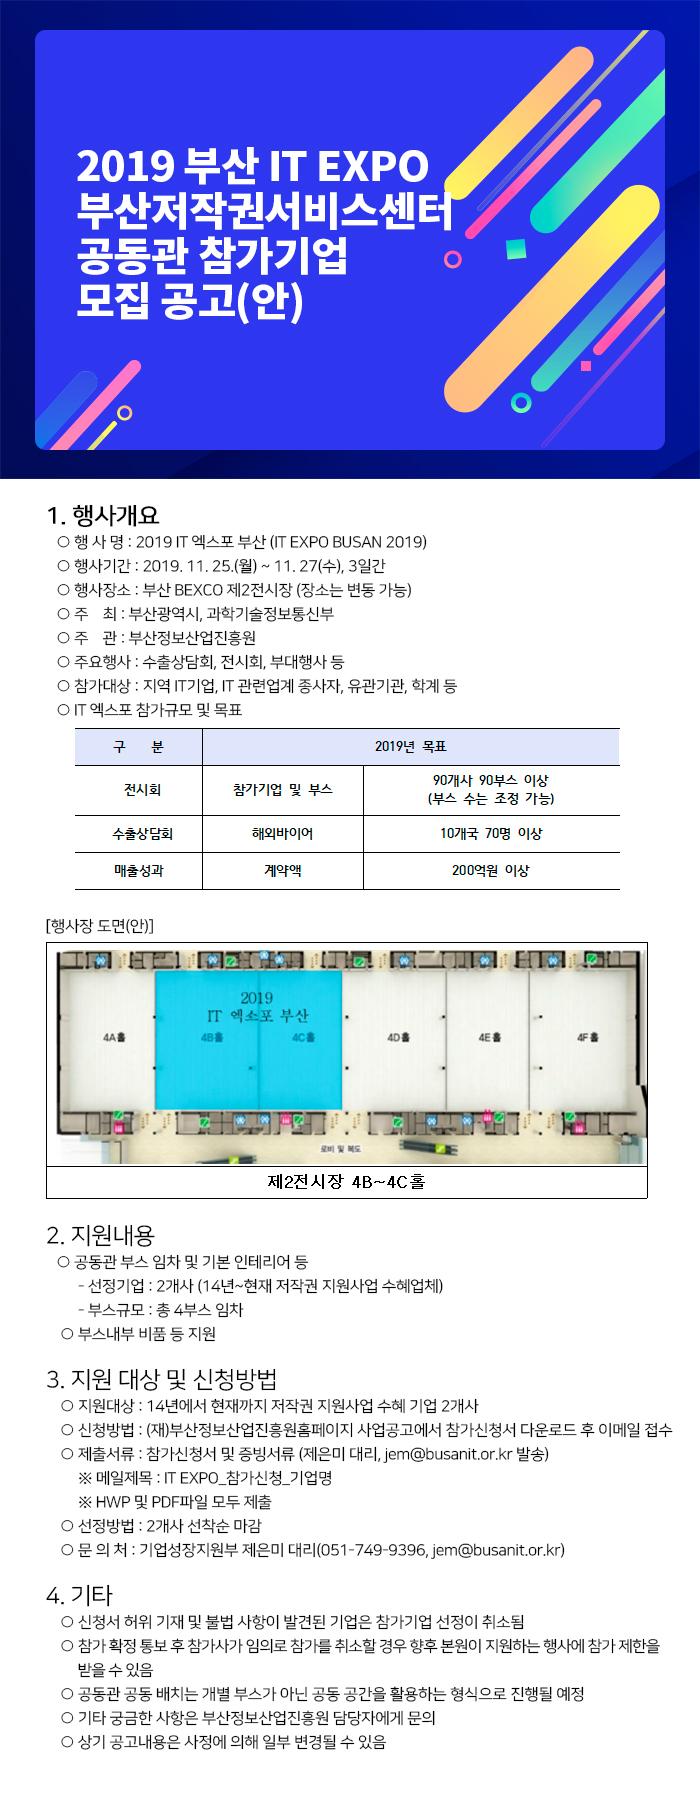 2019 부산 IT EXPO 부산저작권서비스센터 공동관 참가기업 모집 공고